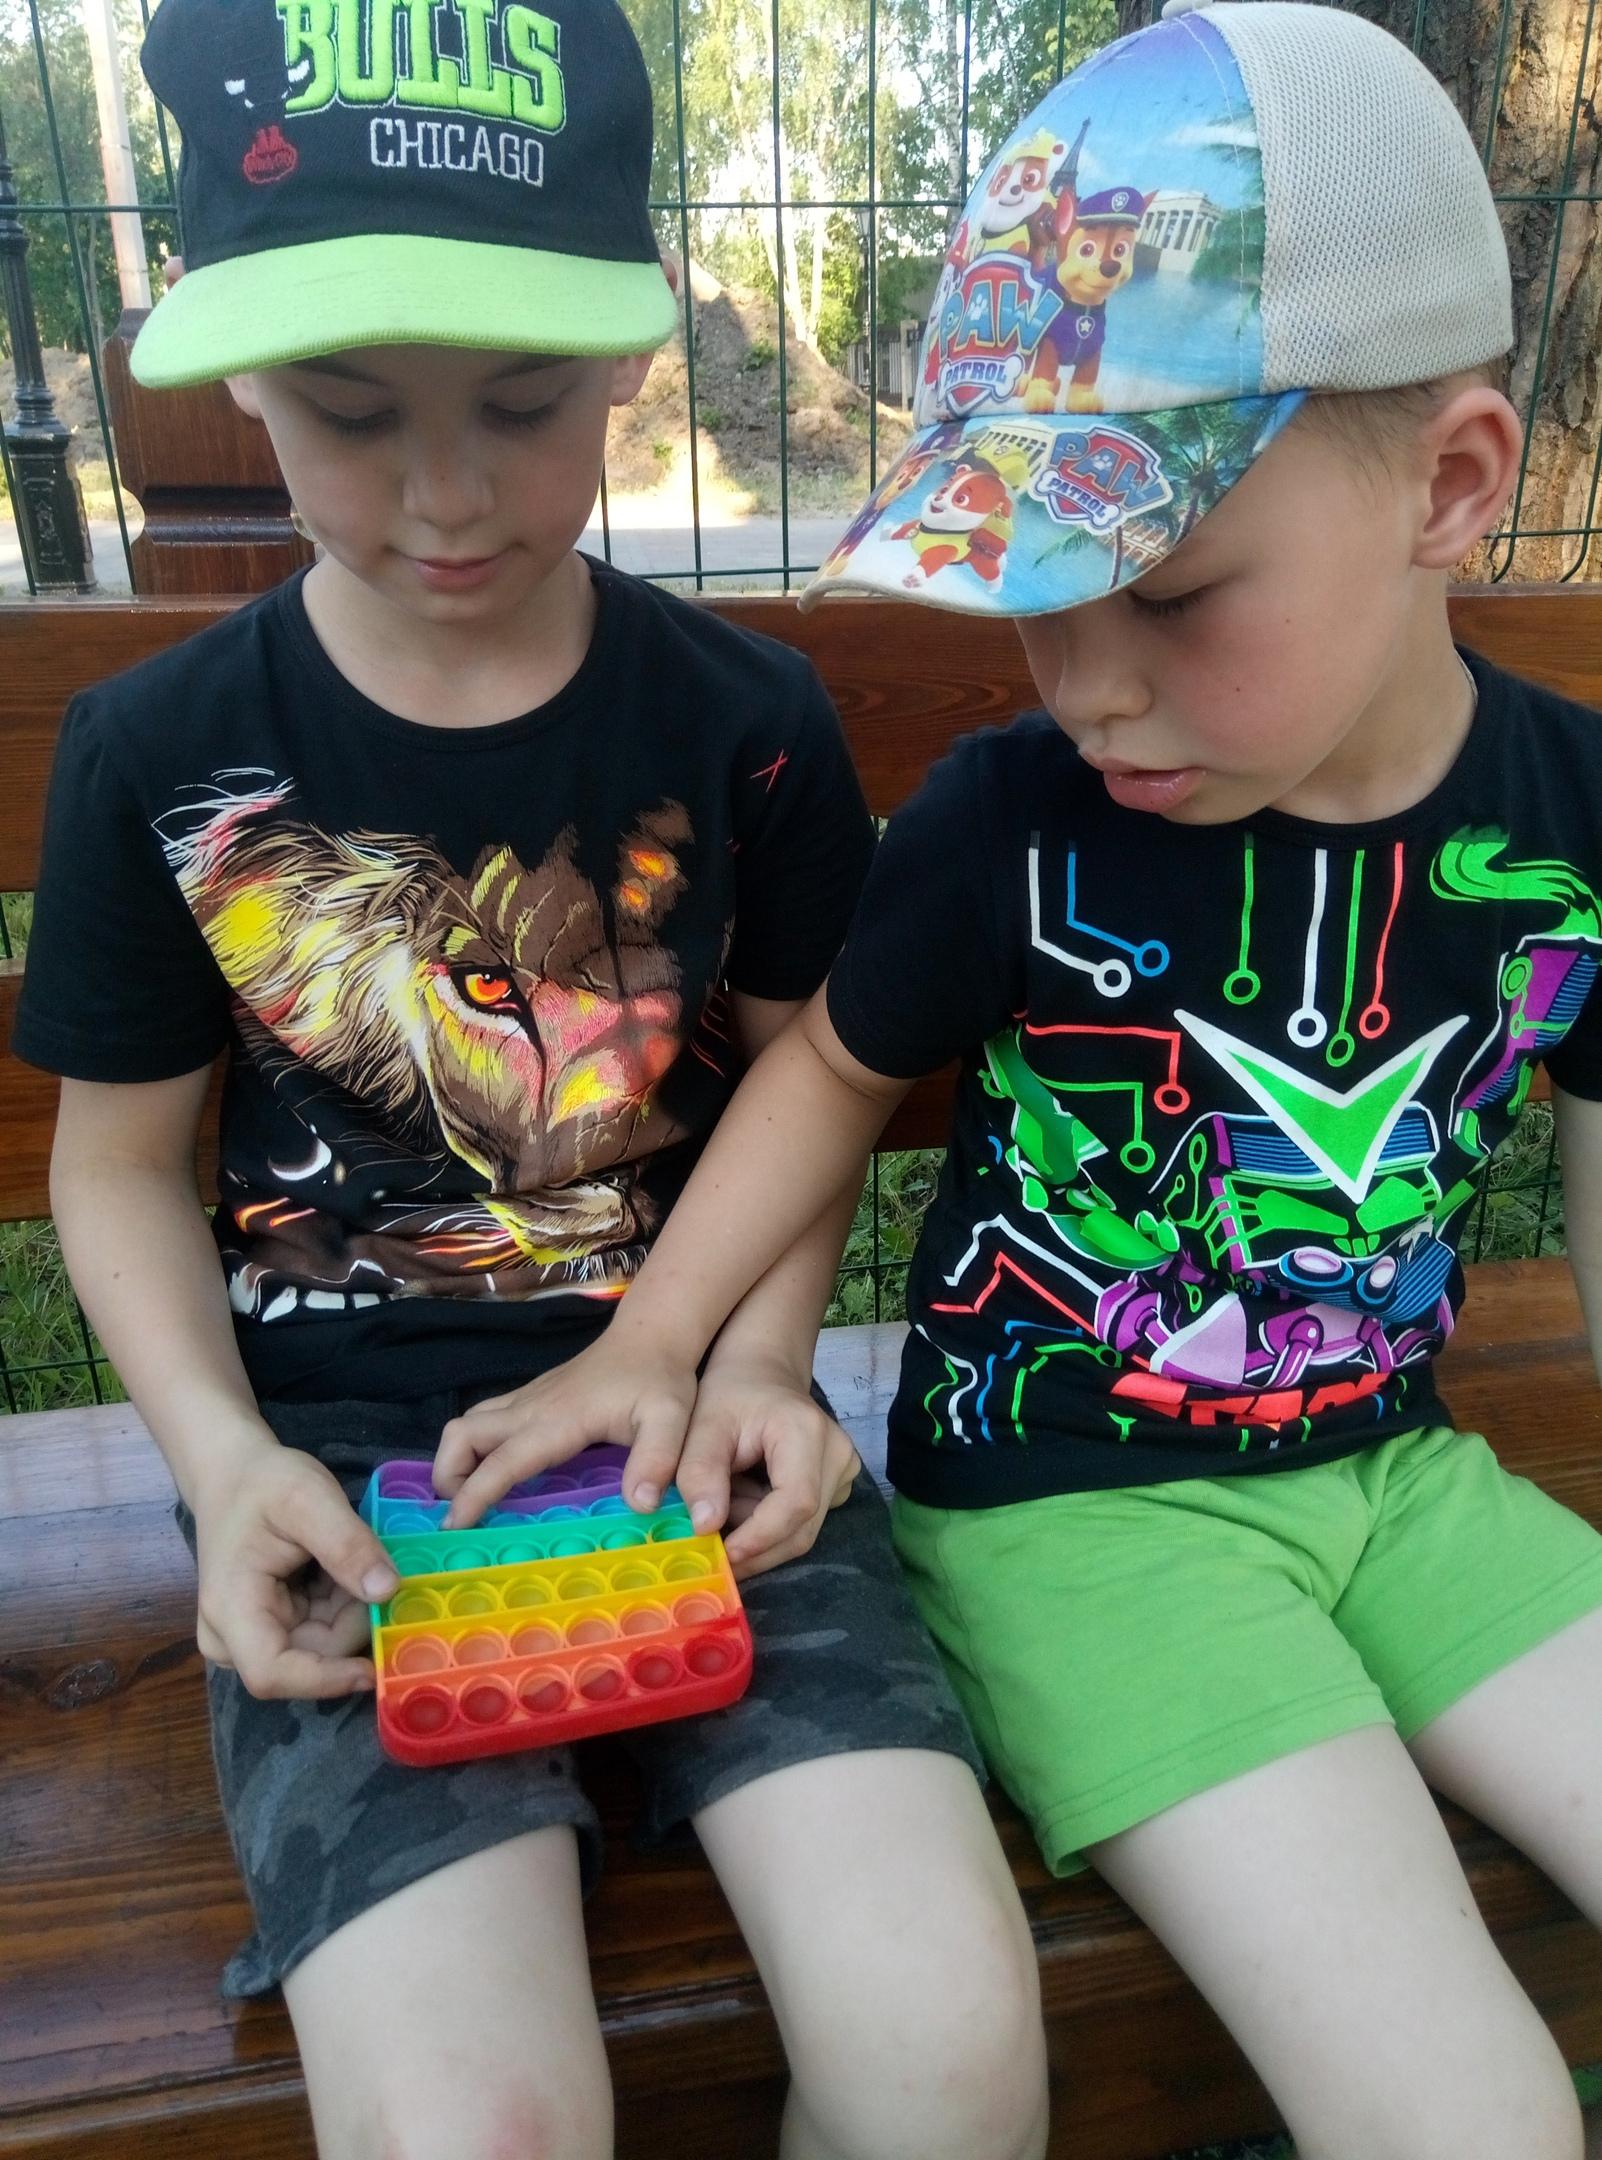 Игрушки «поп-ит» сейчас на пике популярности у детей и молодежи.